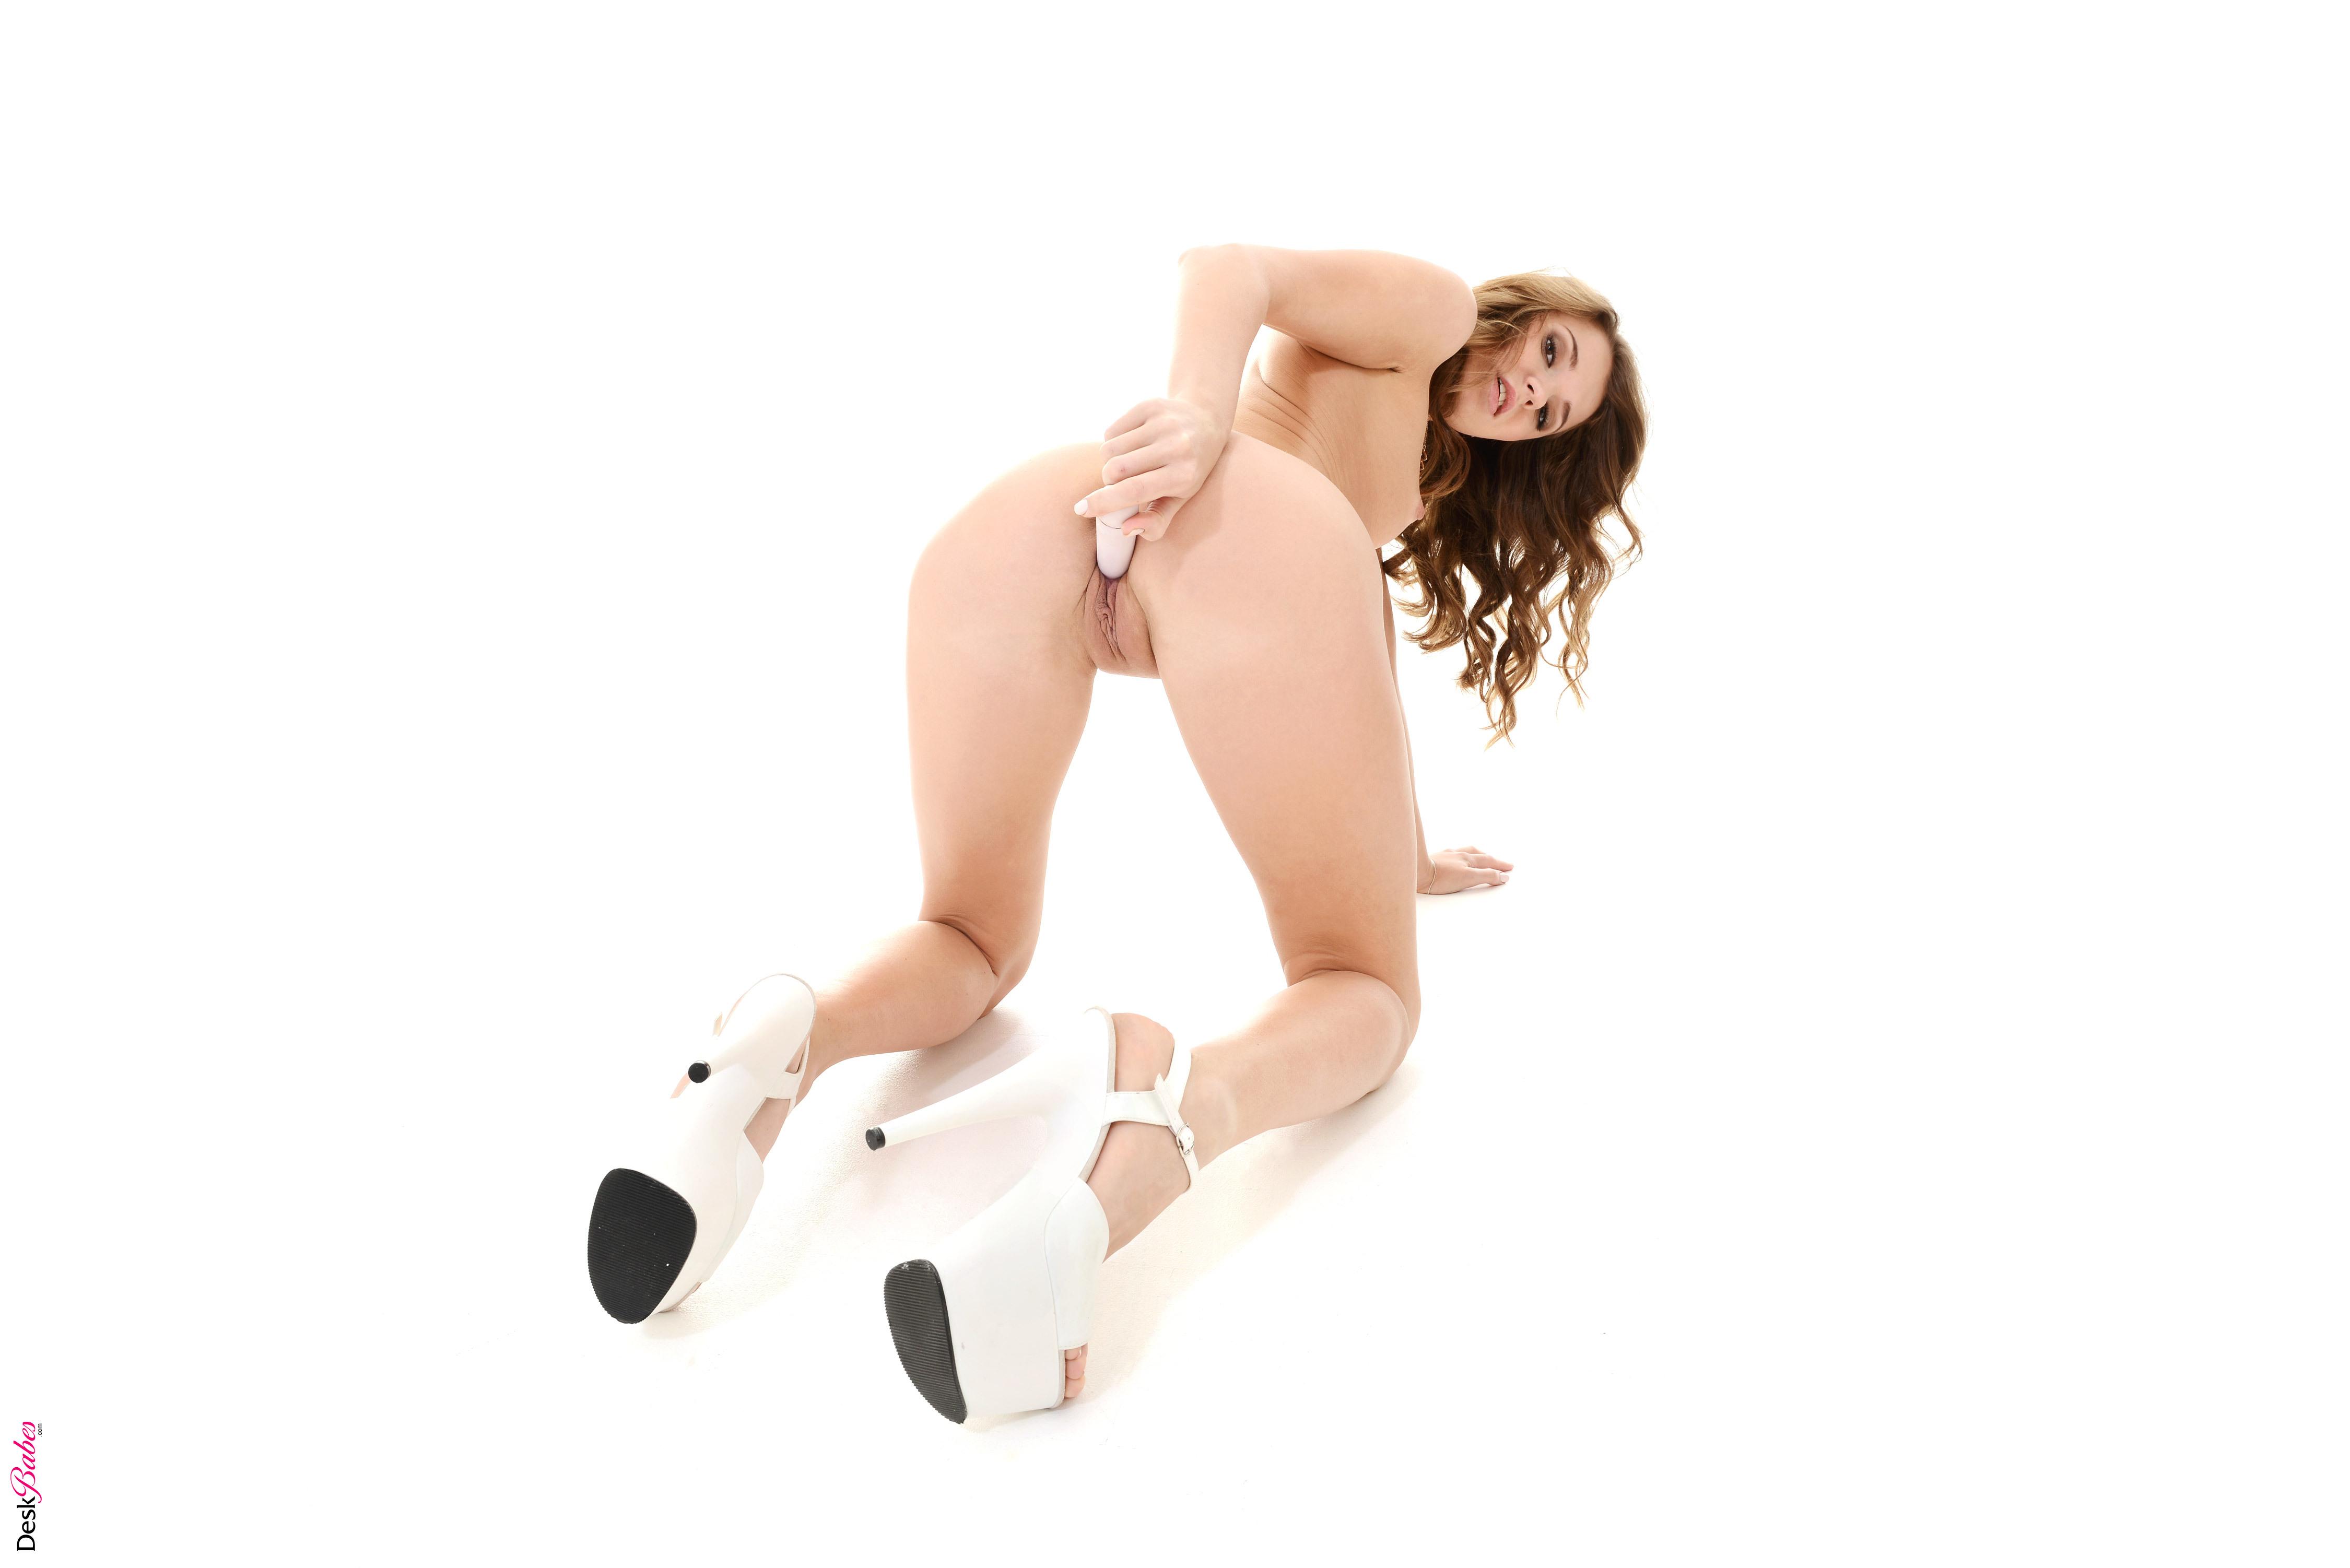 Kalisy - un juguete para el coño